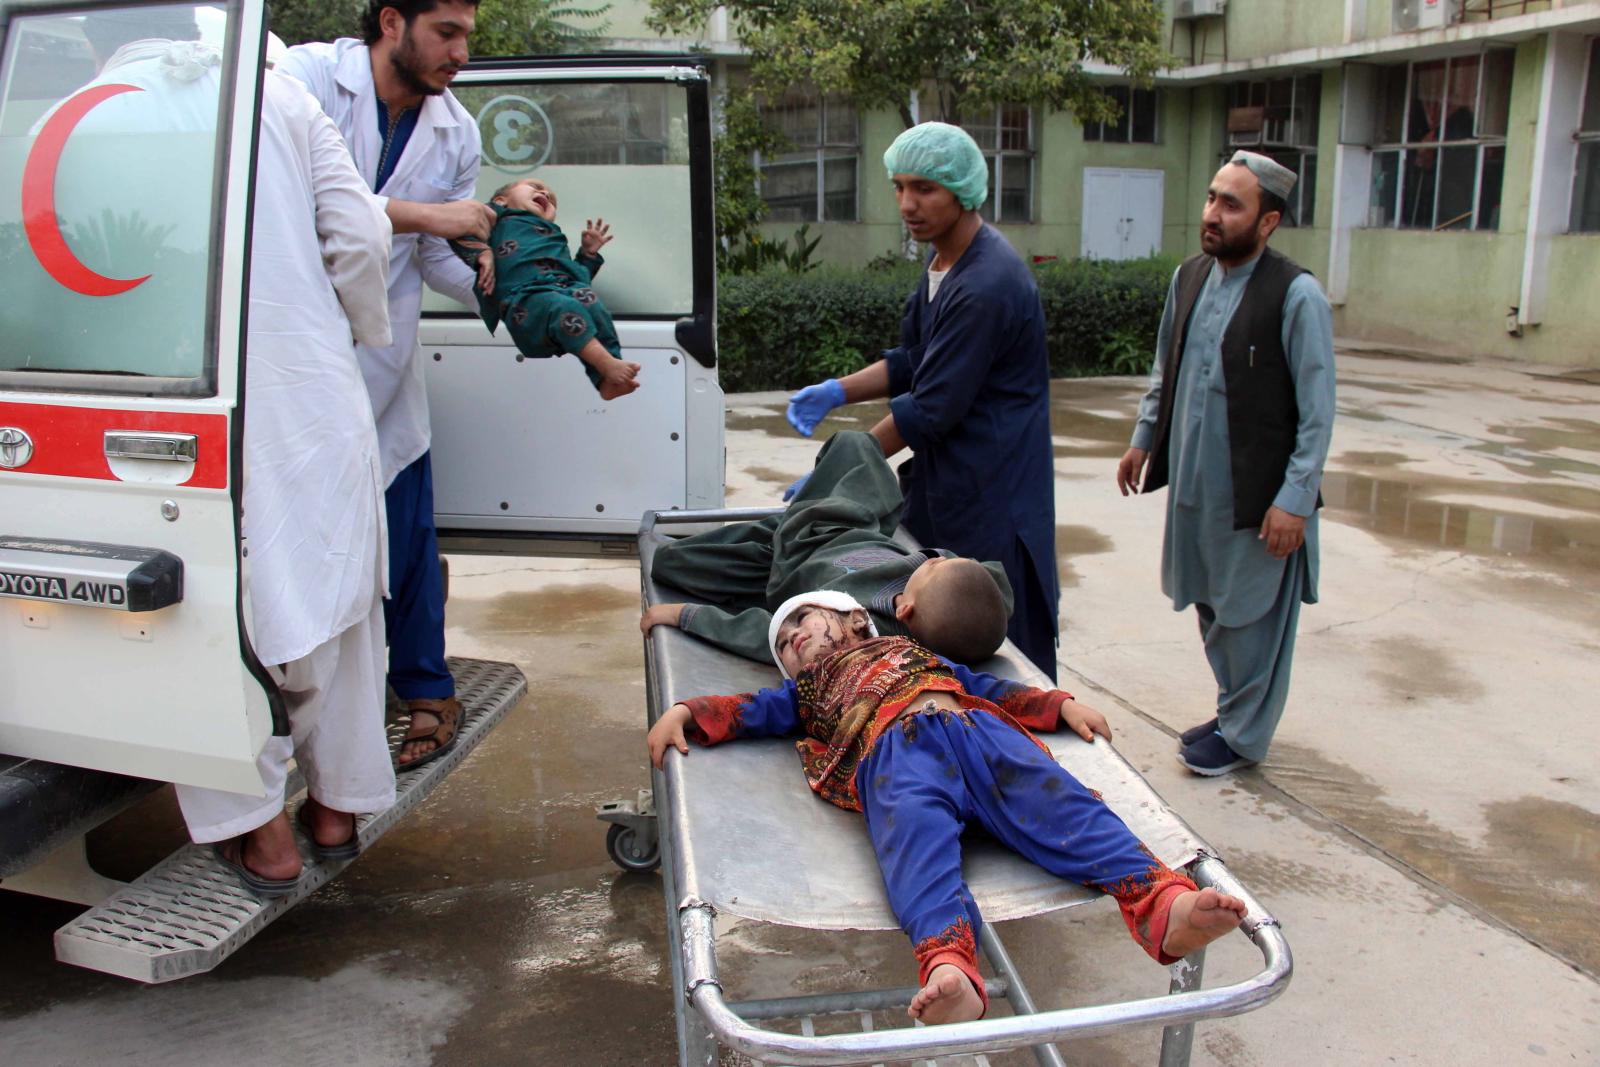 Bomba-pułapka w Afganistanie fot. EPA/MUHAMMAD SADIQ